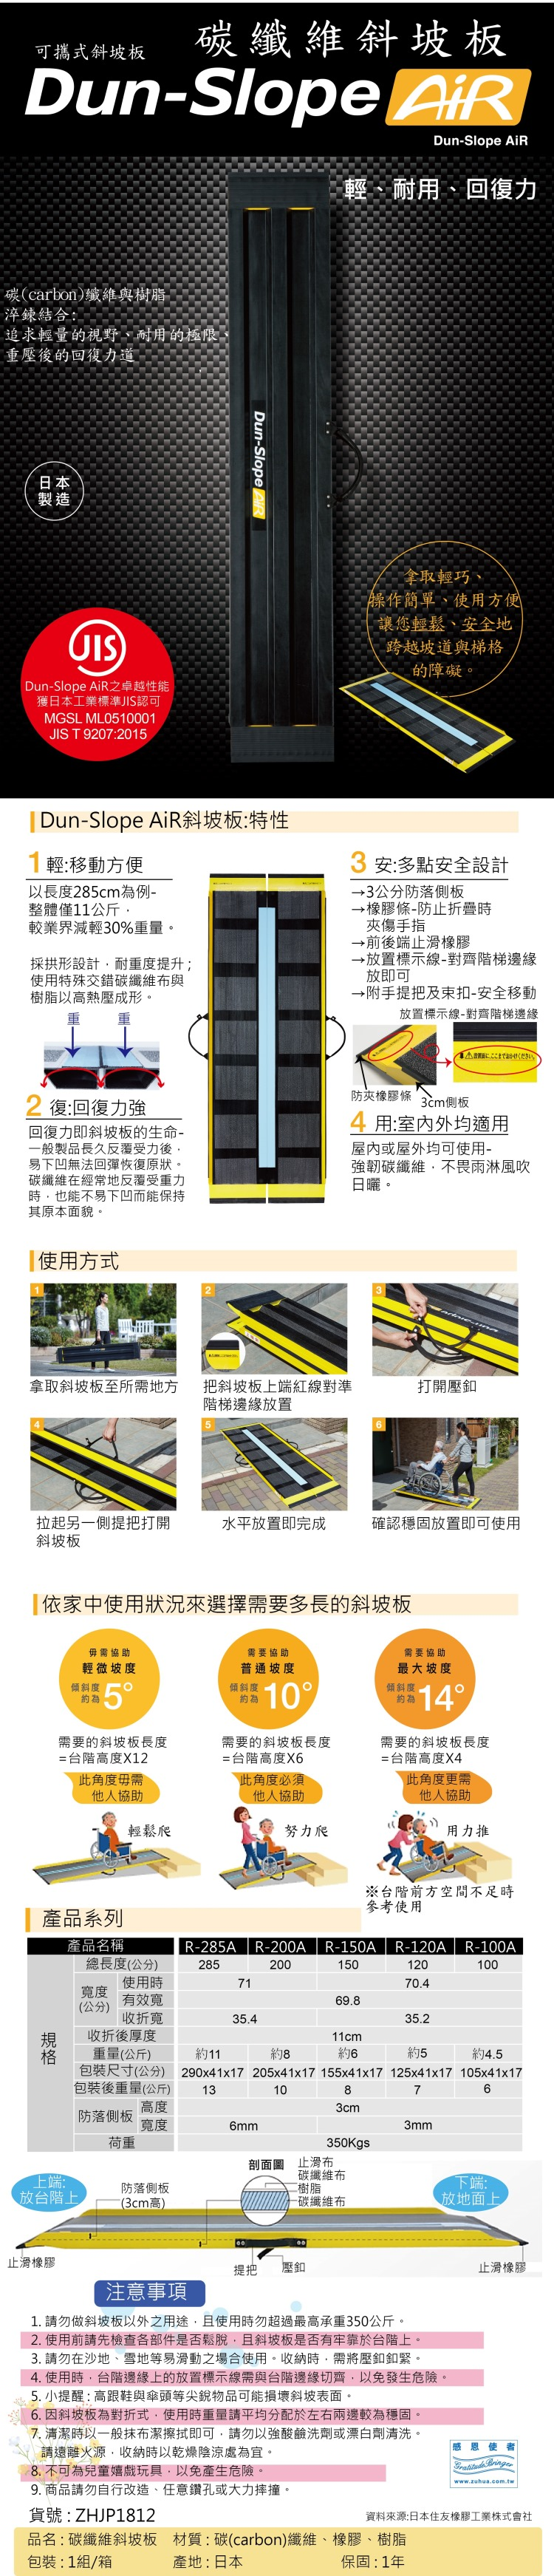 碳纖維材質,又輕又耐重,可折疊收納、攜帶移動,日本製斜坡板,日本折疊式斜坡板